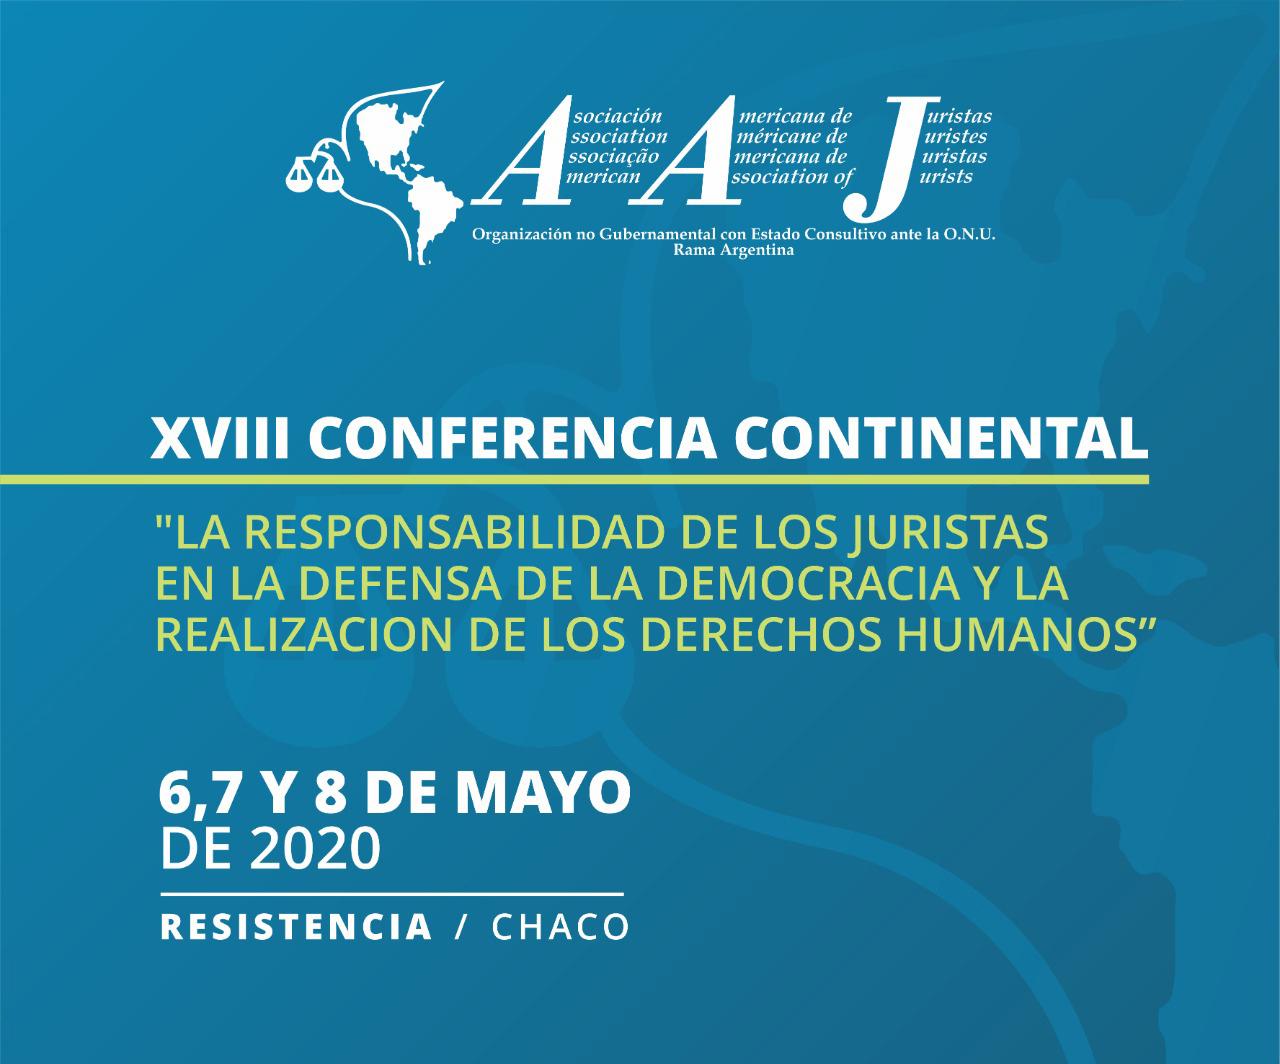 XVIII Conferencia Continental